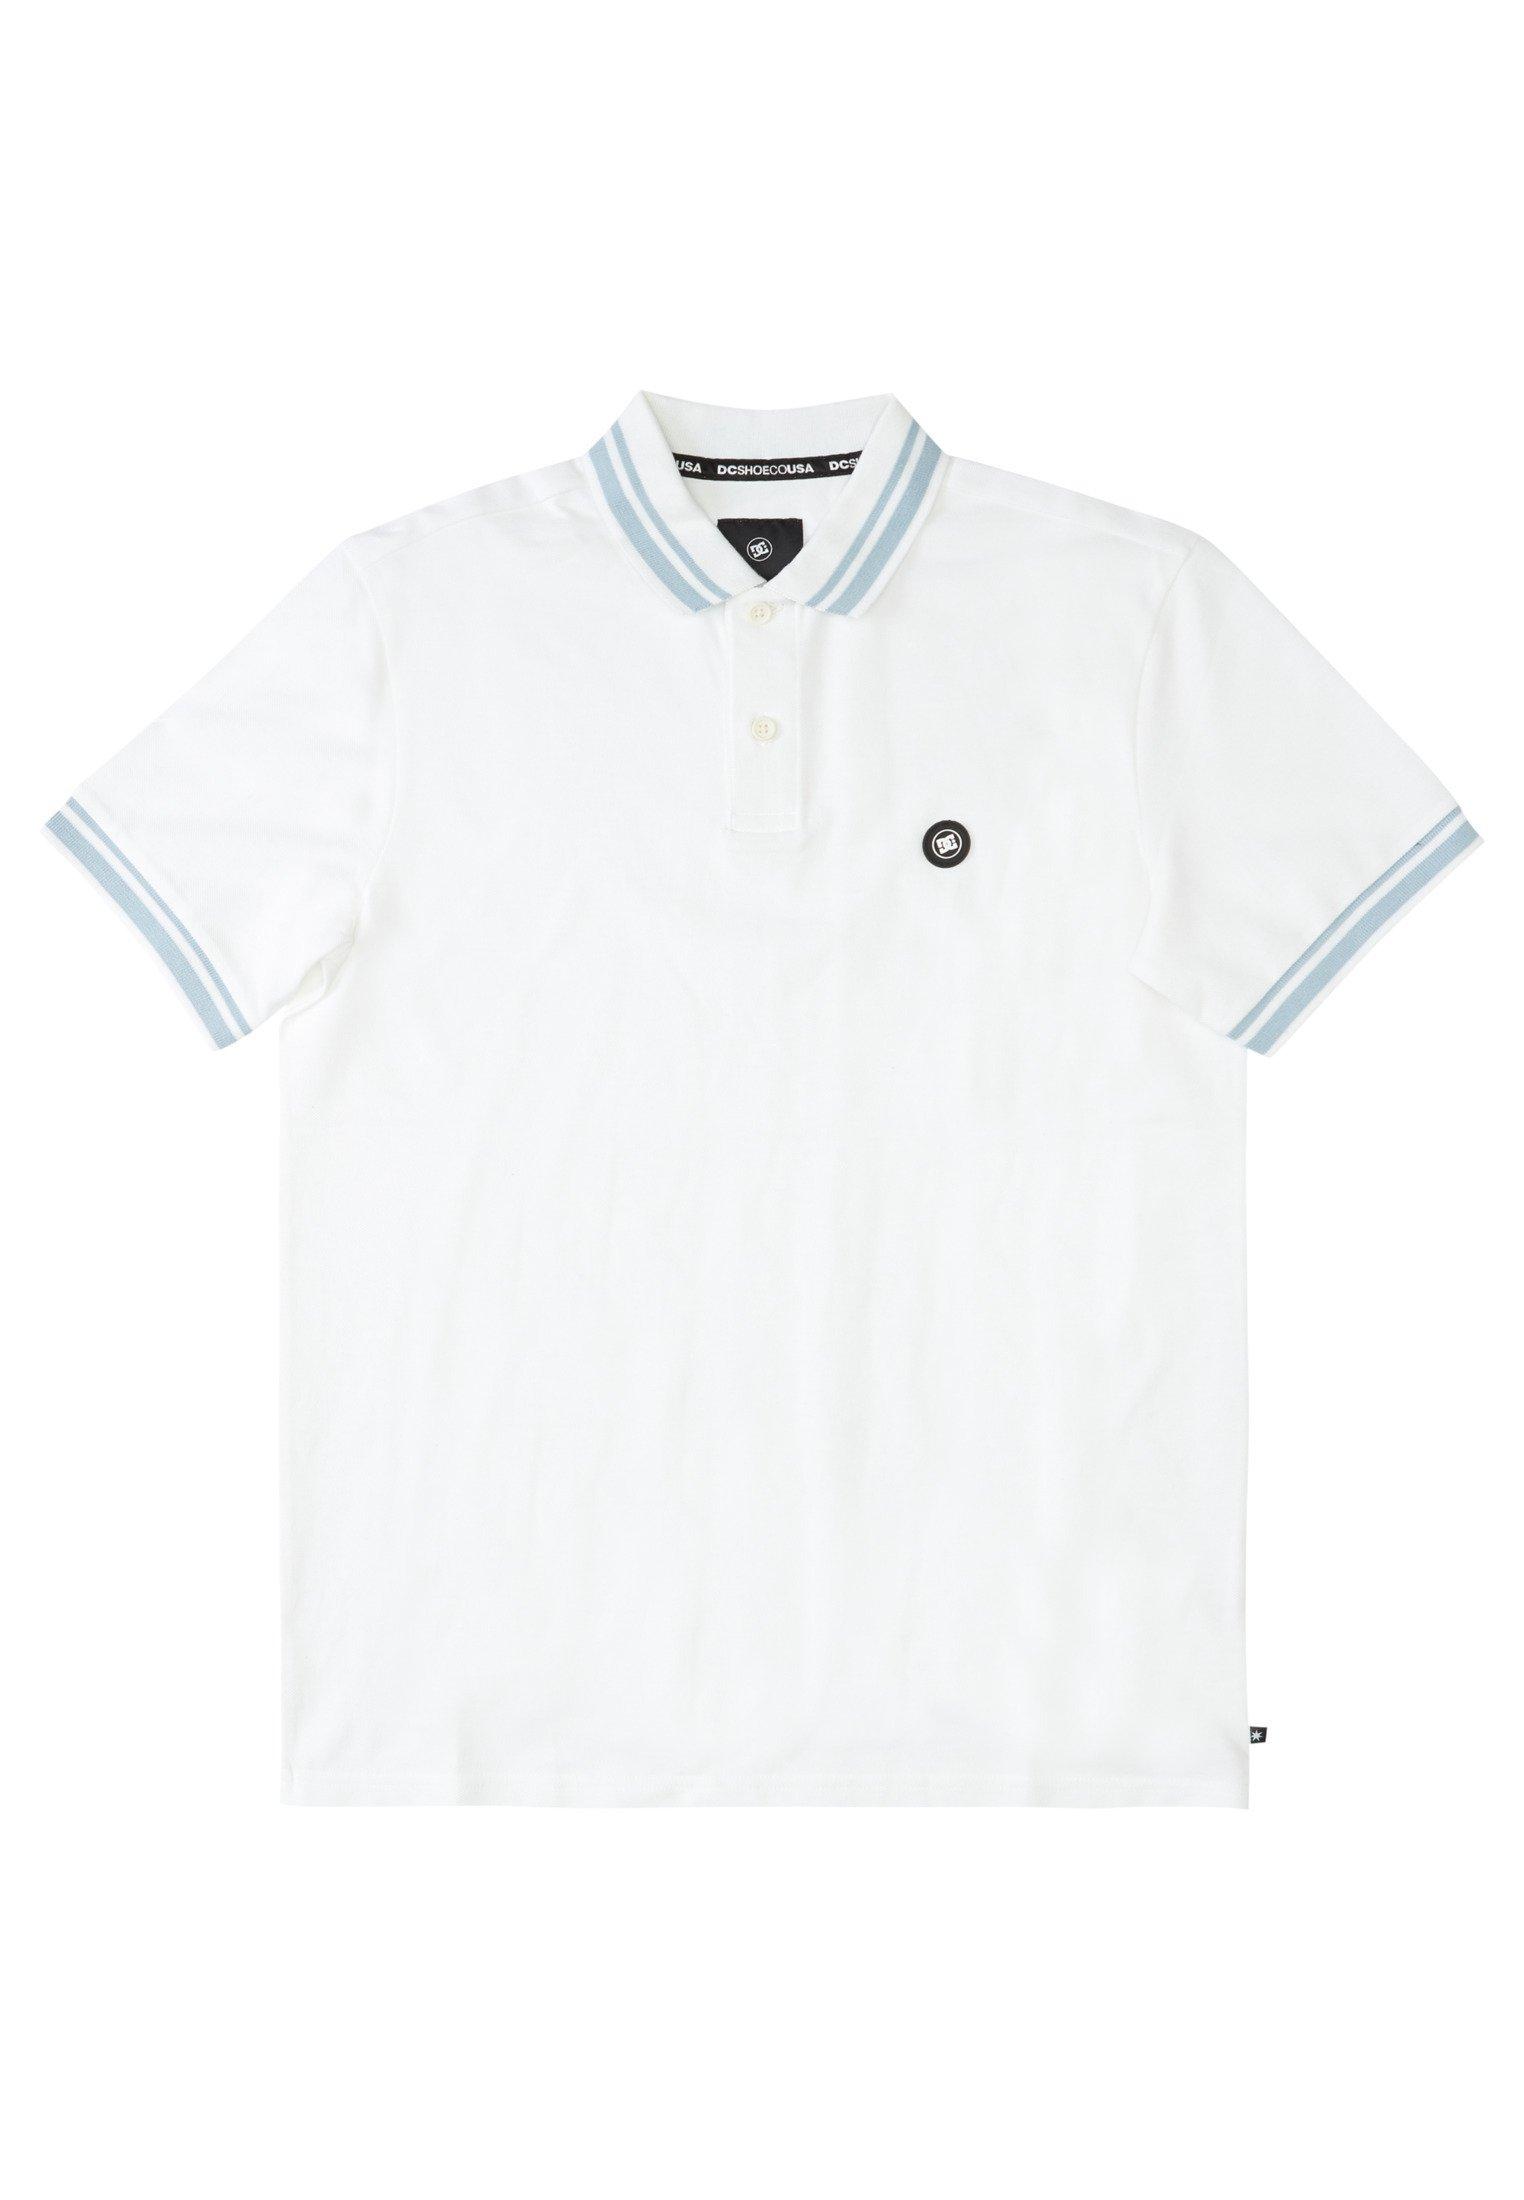 Herrer STOONBROOKE  - Poloshirts